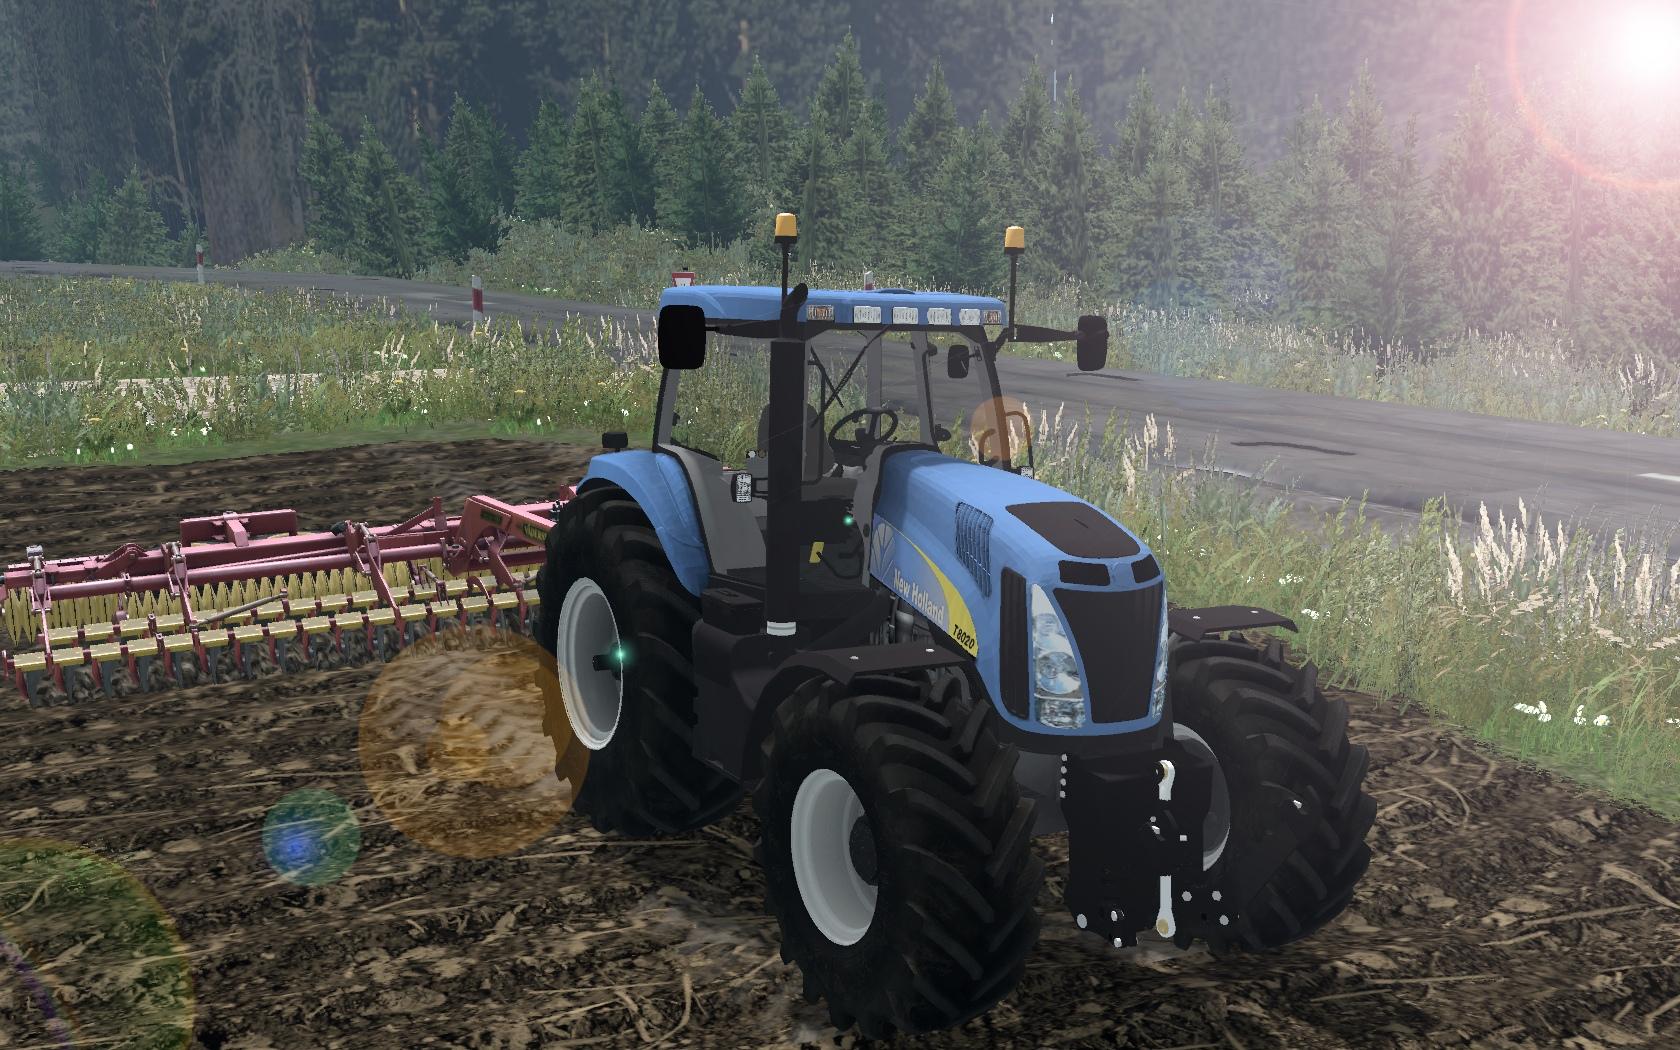 NEW HOLLAND T8020 Tractor v 3 0 Full - Farming simulator 19